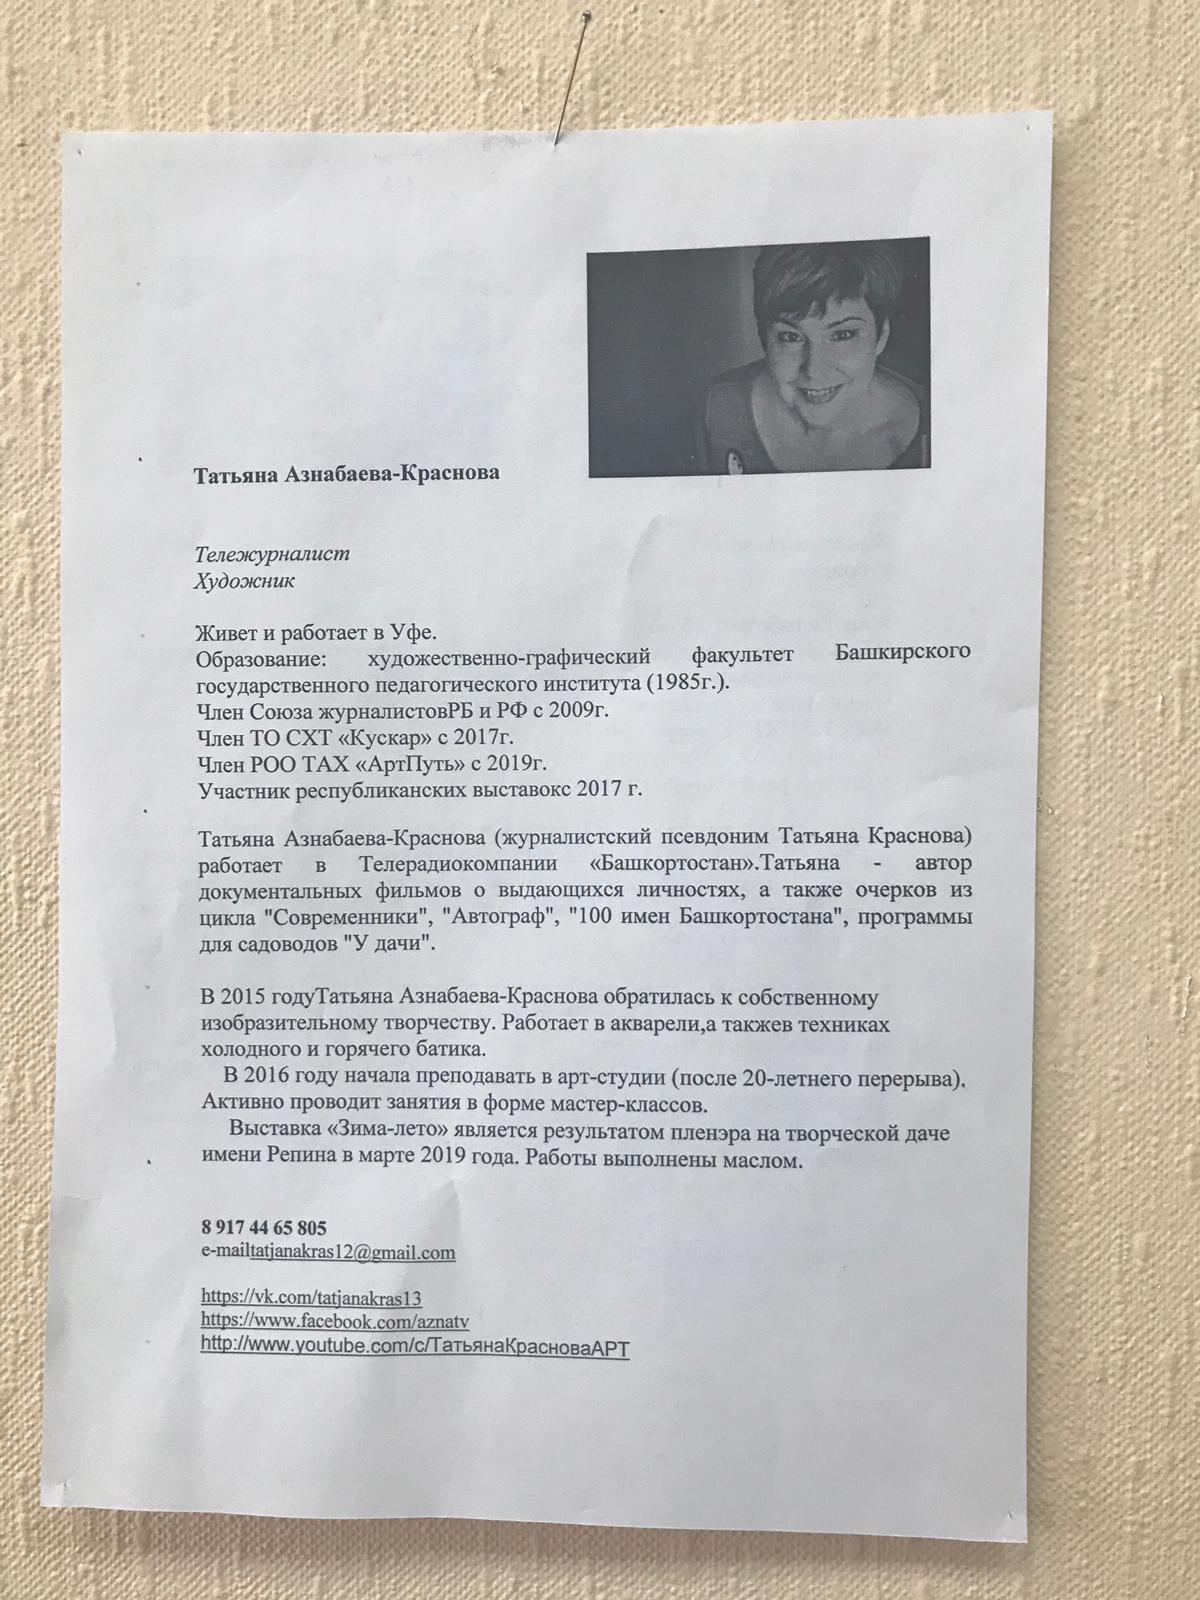 «Зима-лето» Татьяны Азнабаевой-Красновой. Открытие персональной выставки